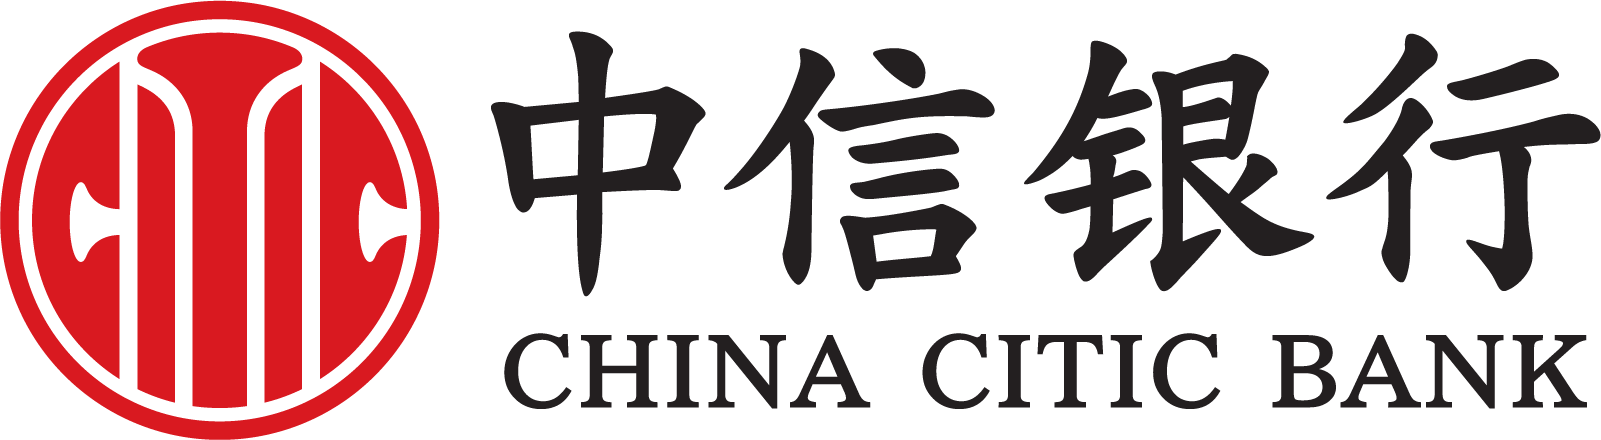 China CITIC Bank Logo png